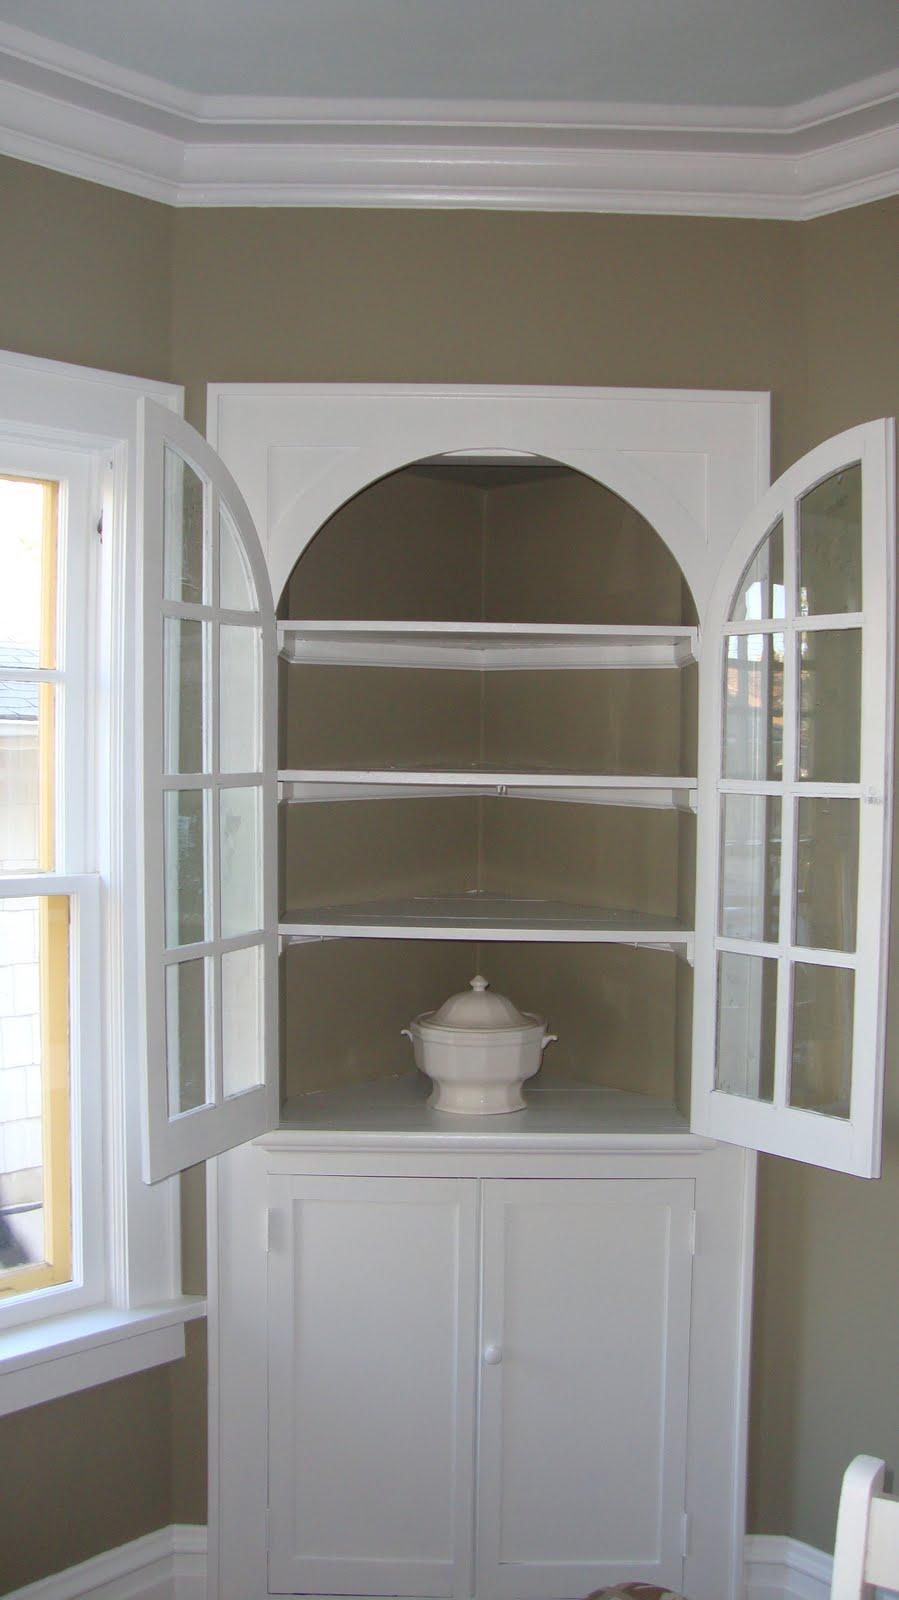 j k homestead october 2010. Black Bedroom Furniture Sets. Home Design Ideas